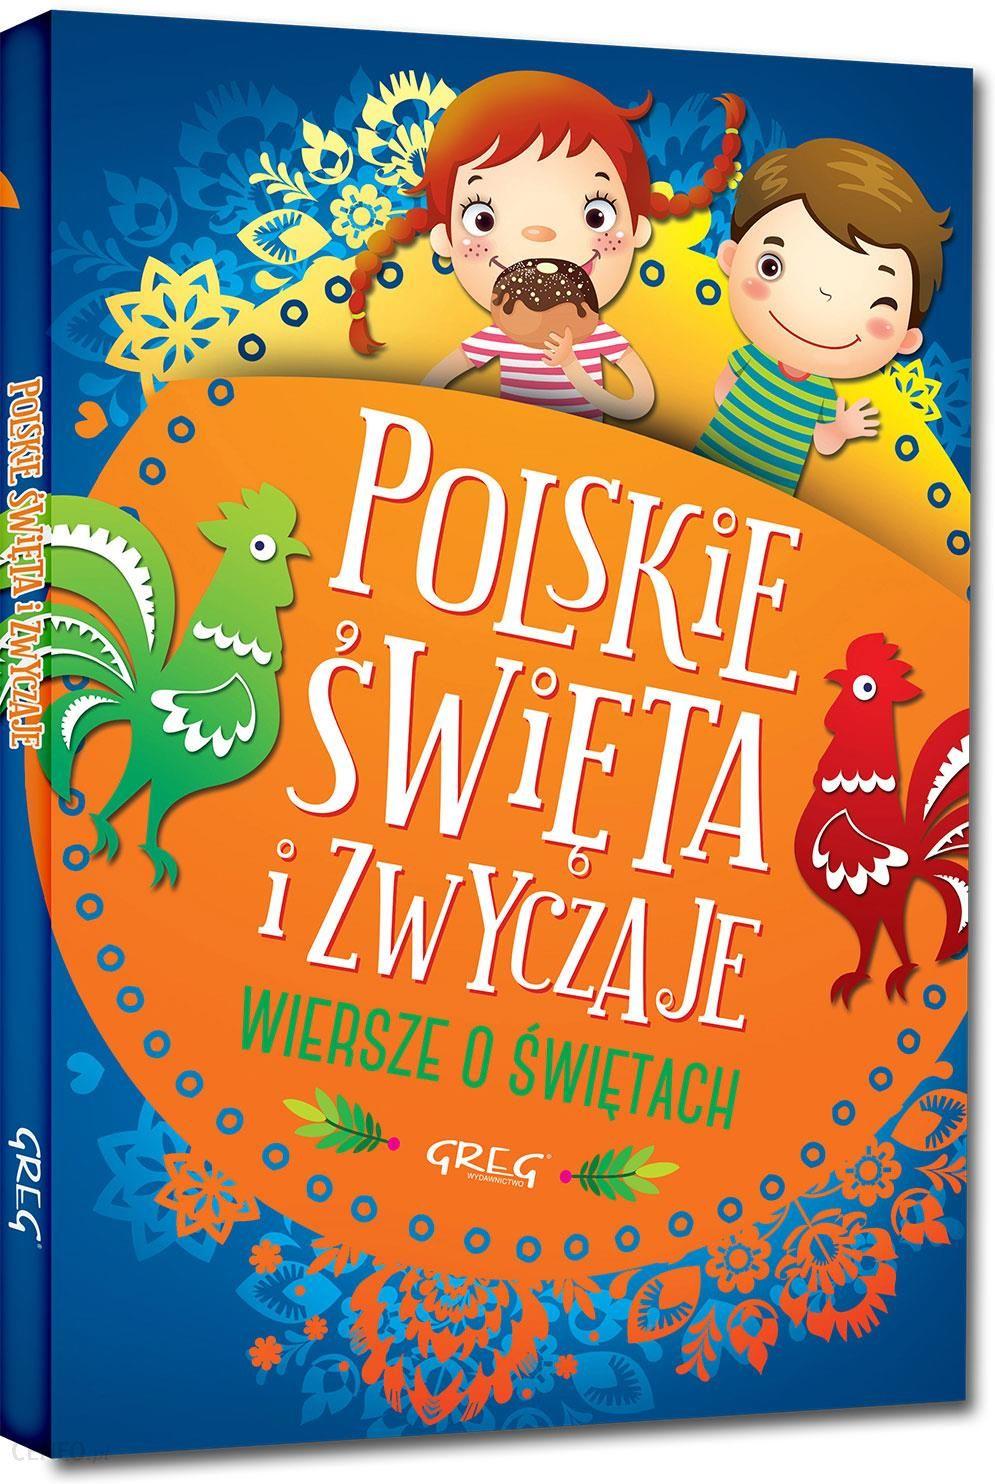 Polskie święta I Zwyczaje Wiersze O świętach